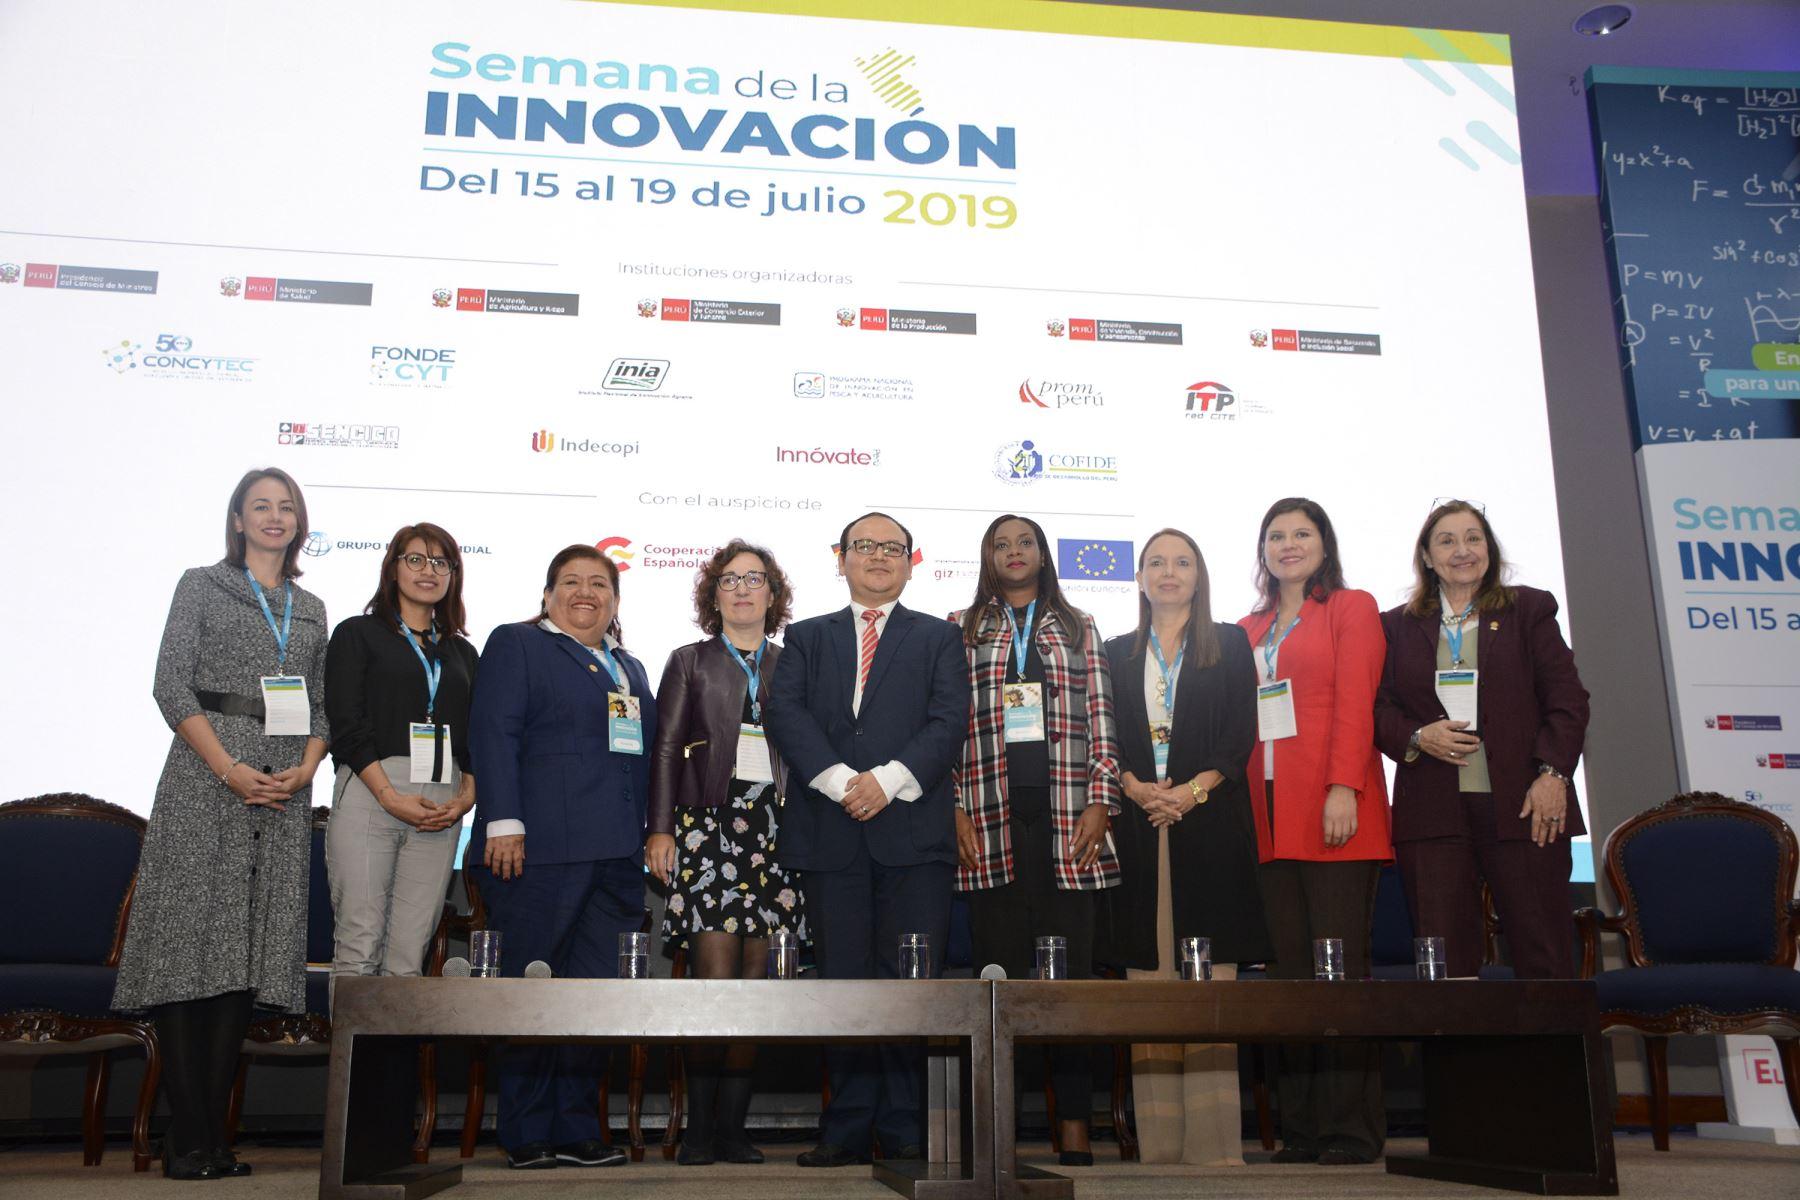 Mayoría de mujeres inversionistas destinan entre US$ 6,000 y US$ 12,000 a startups